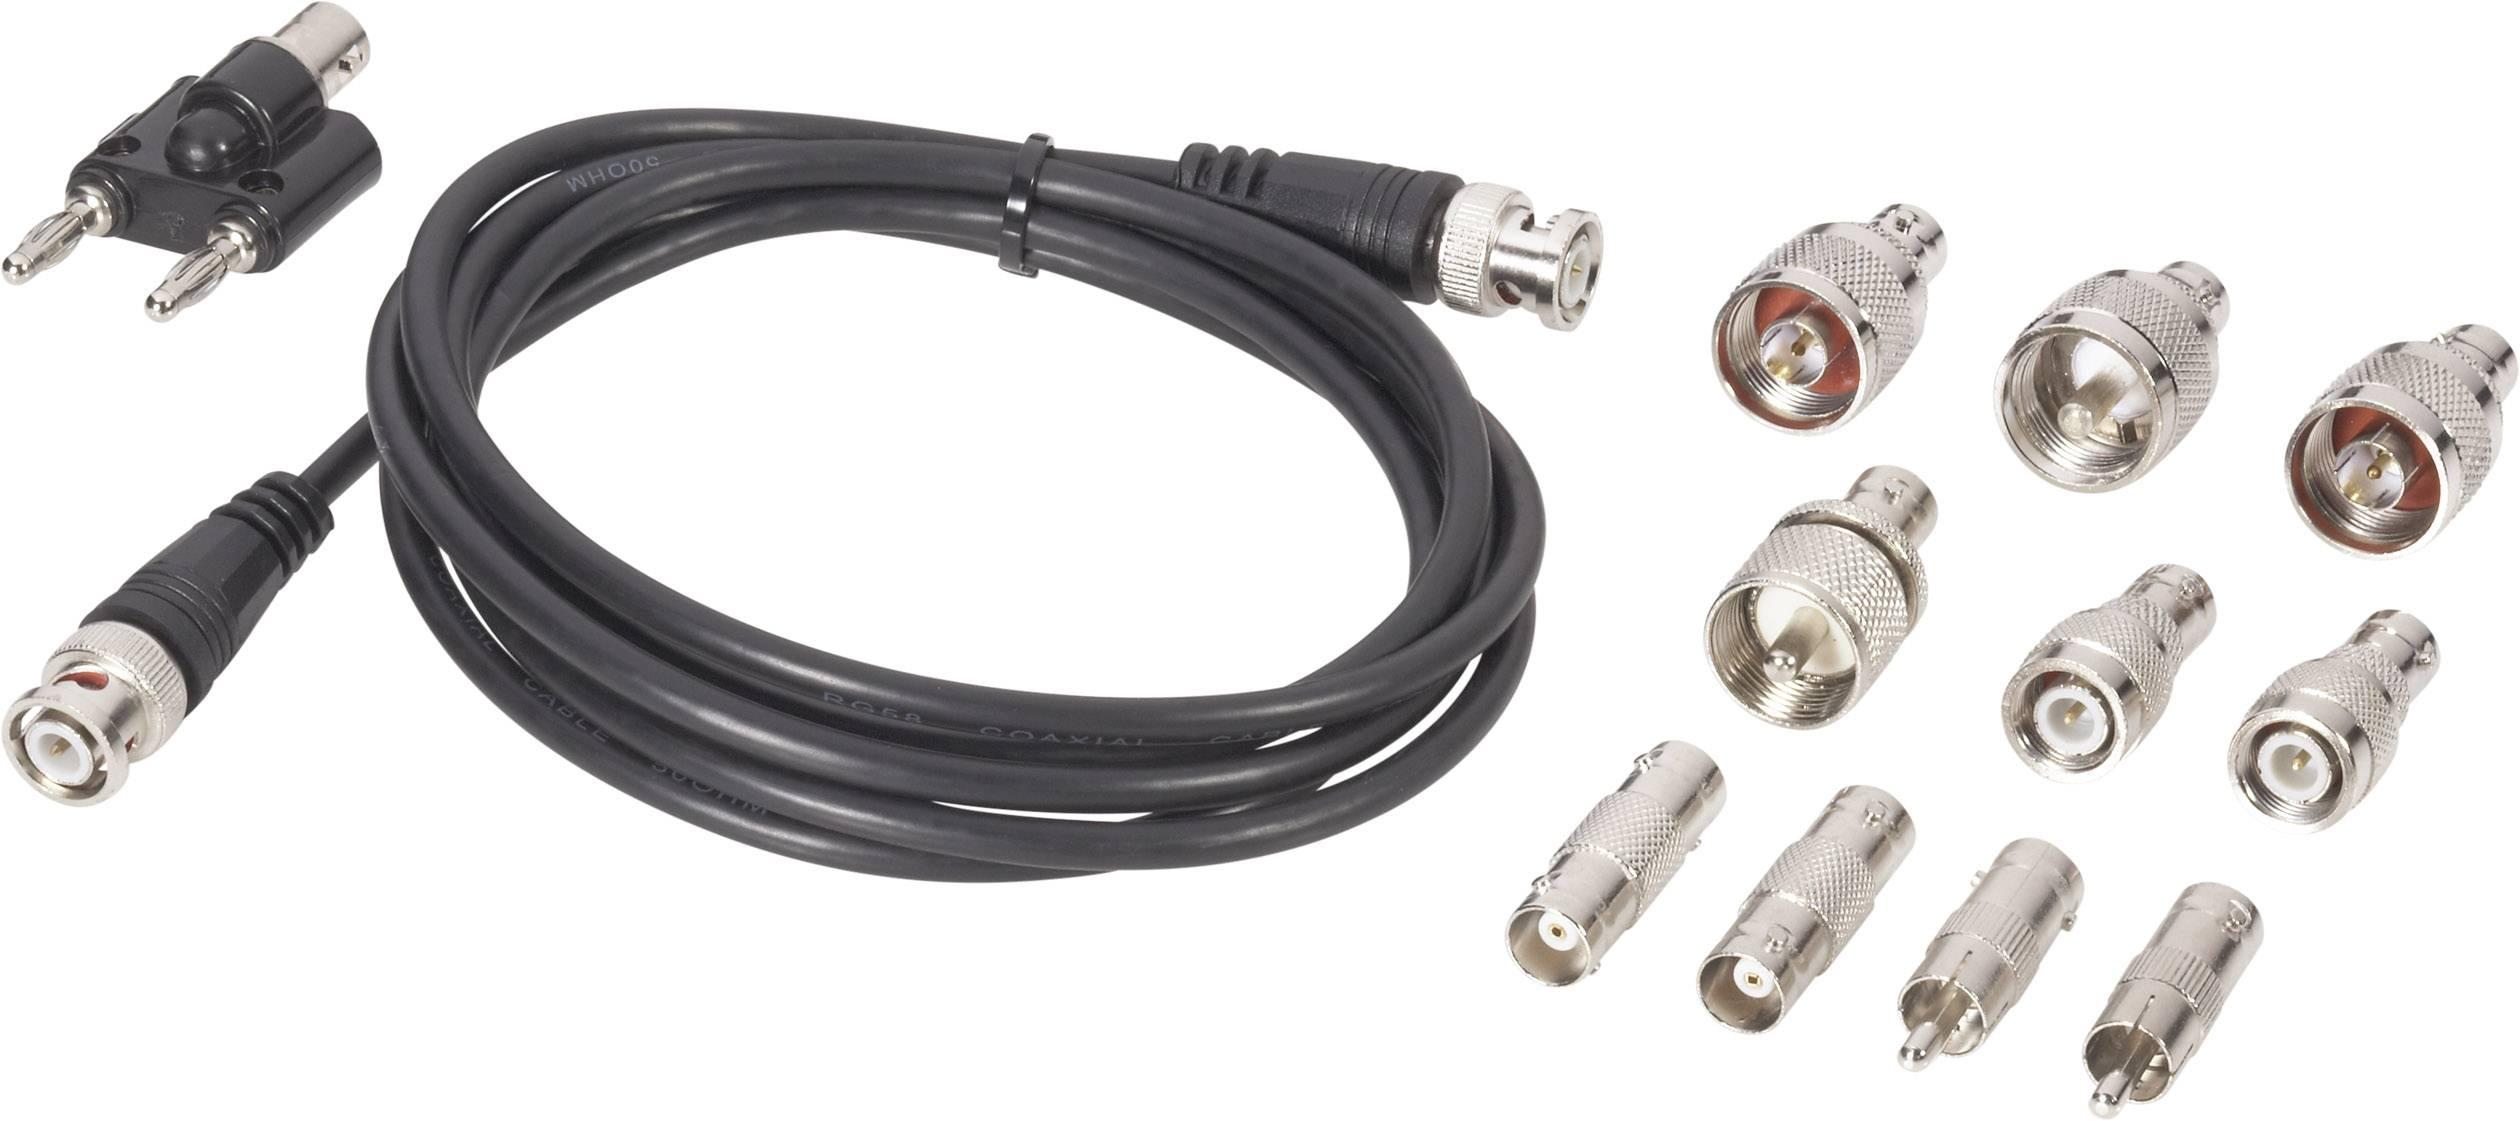 HF adaptér - BKL Electronic 0401265/LC, 11 ks